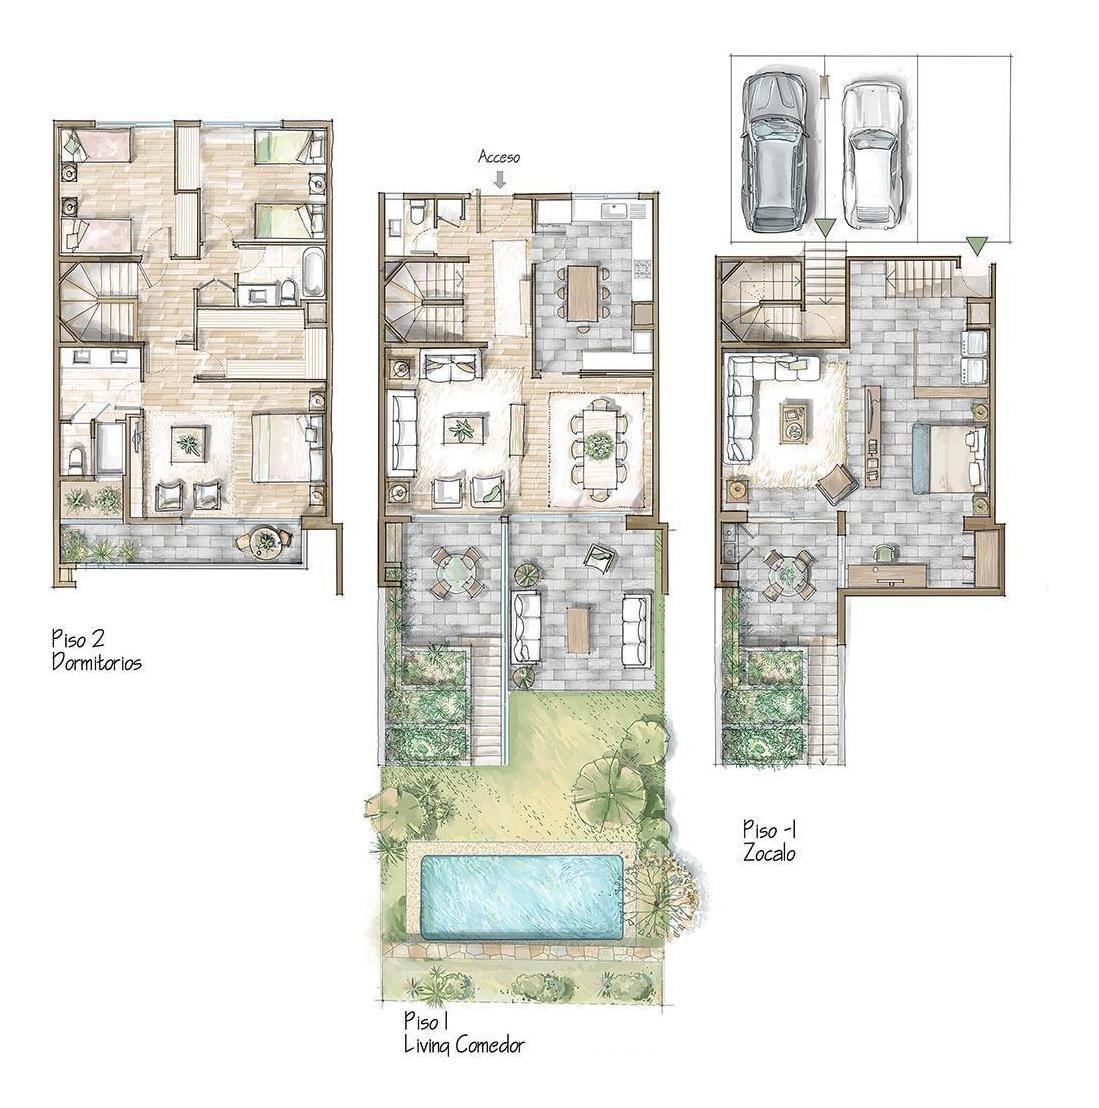 proyecto estoril 820 casas